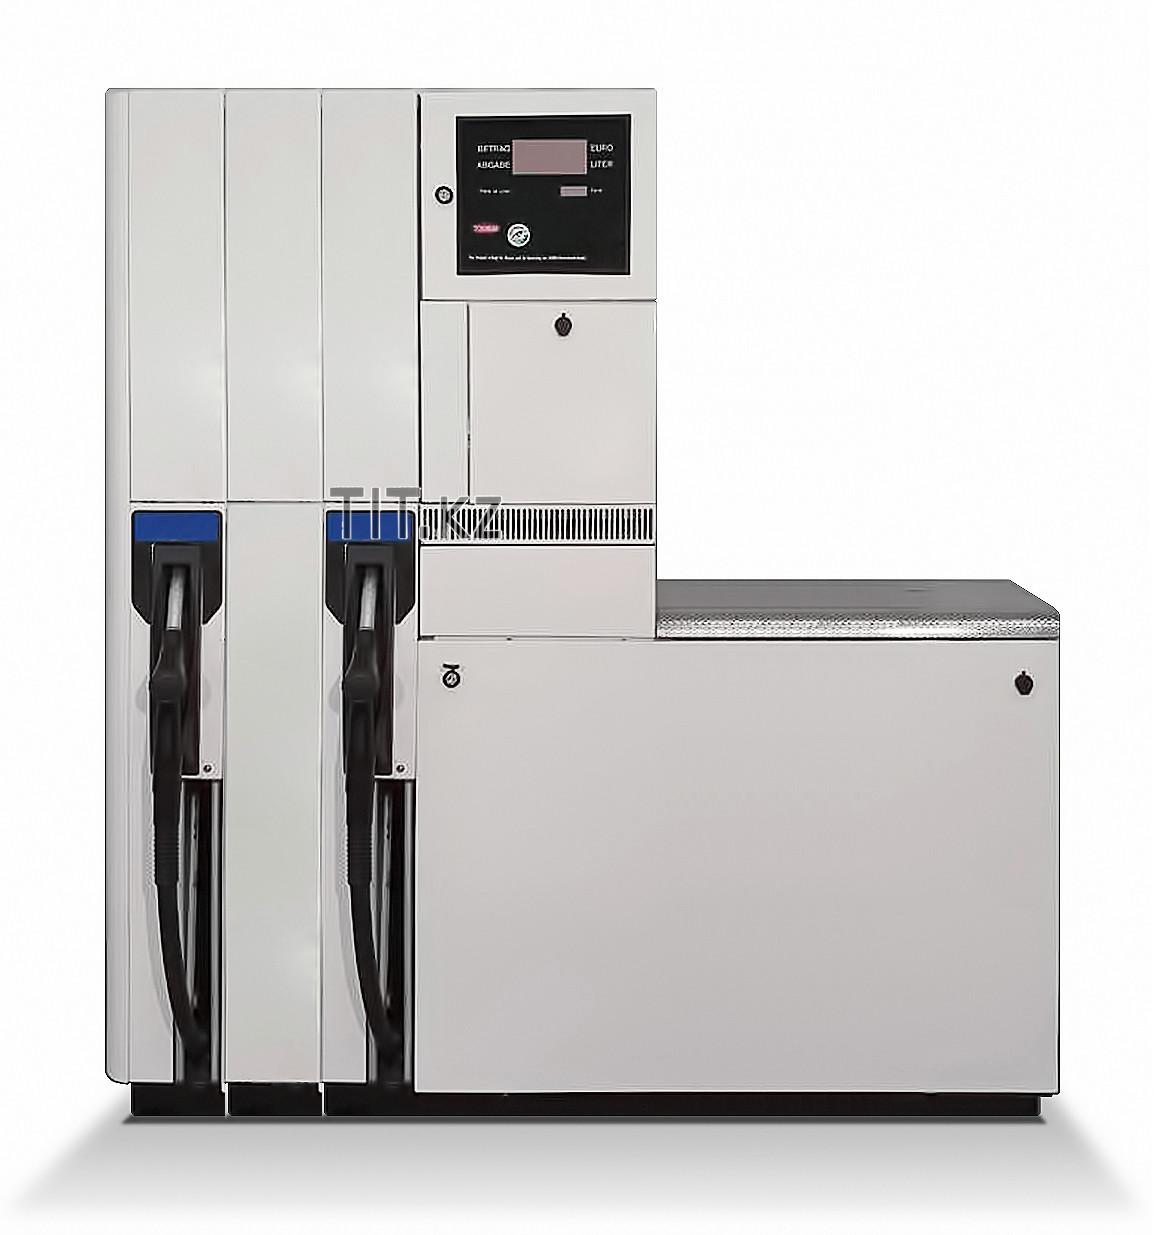 Топливораздаточная колонка Tokheim Quantium 510 2х4 всасывающего типа, дизель